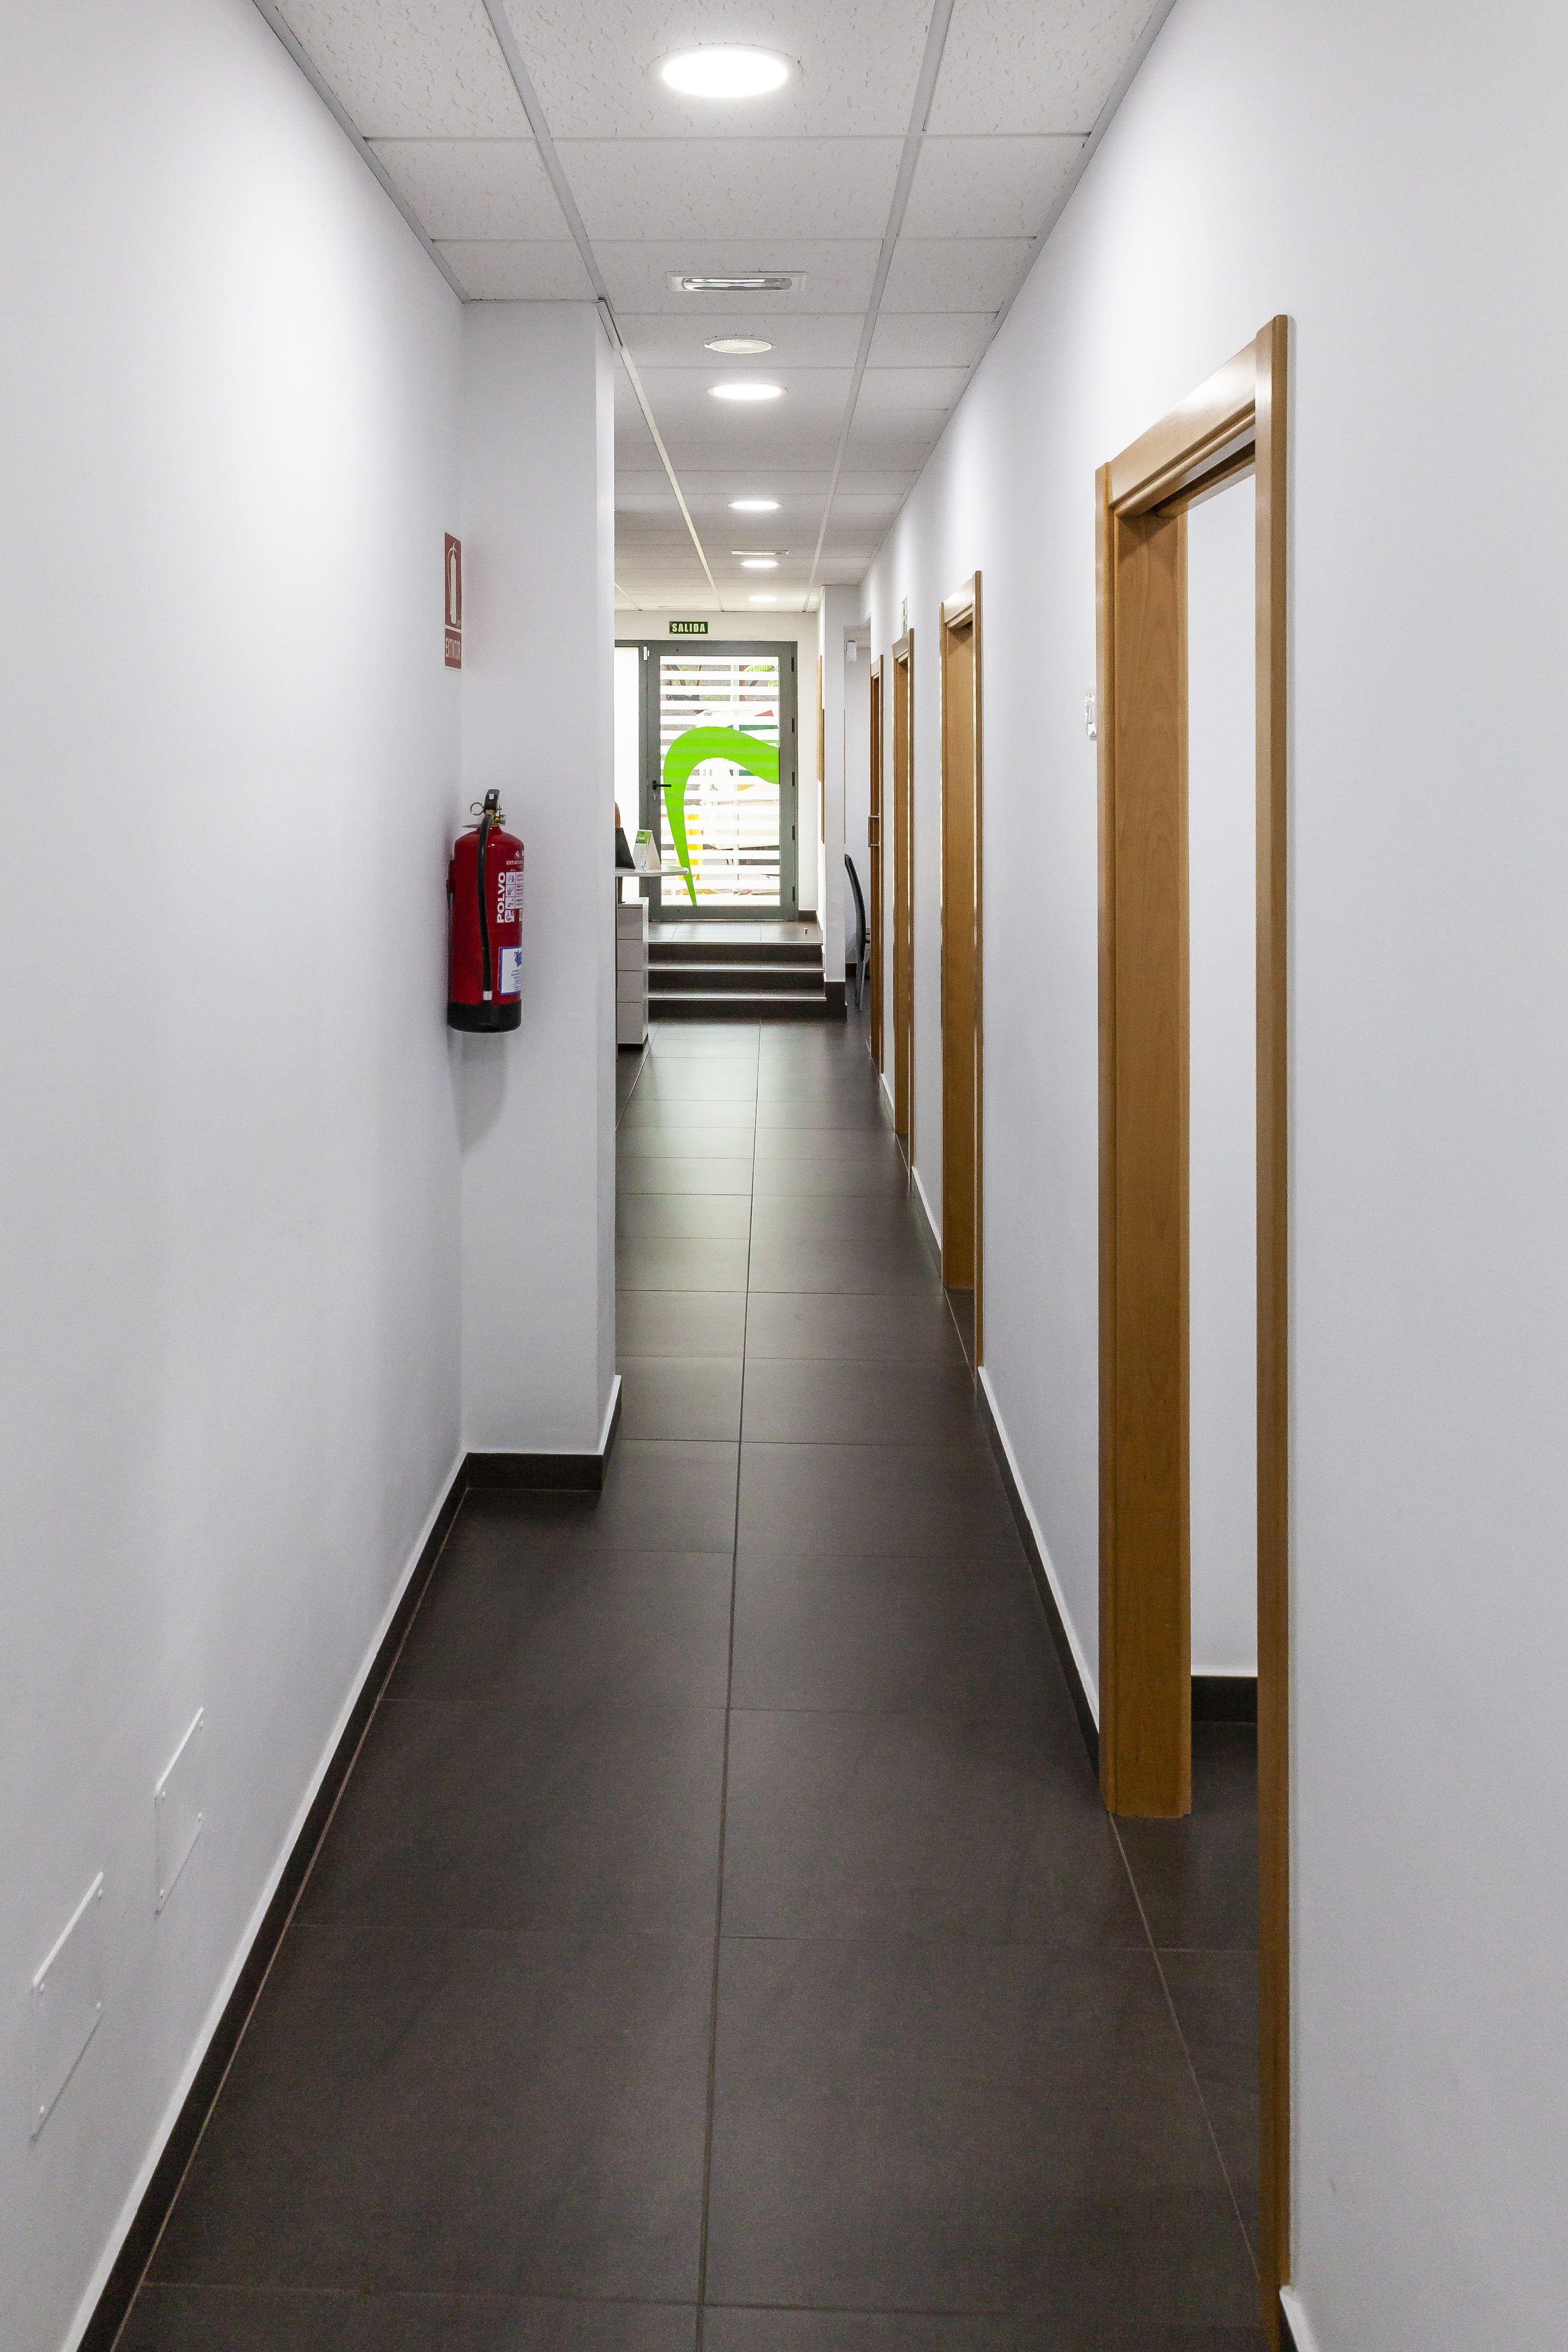 Pasillo Centro de Estética Dental Innova